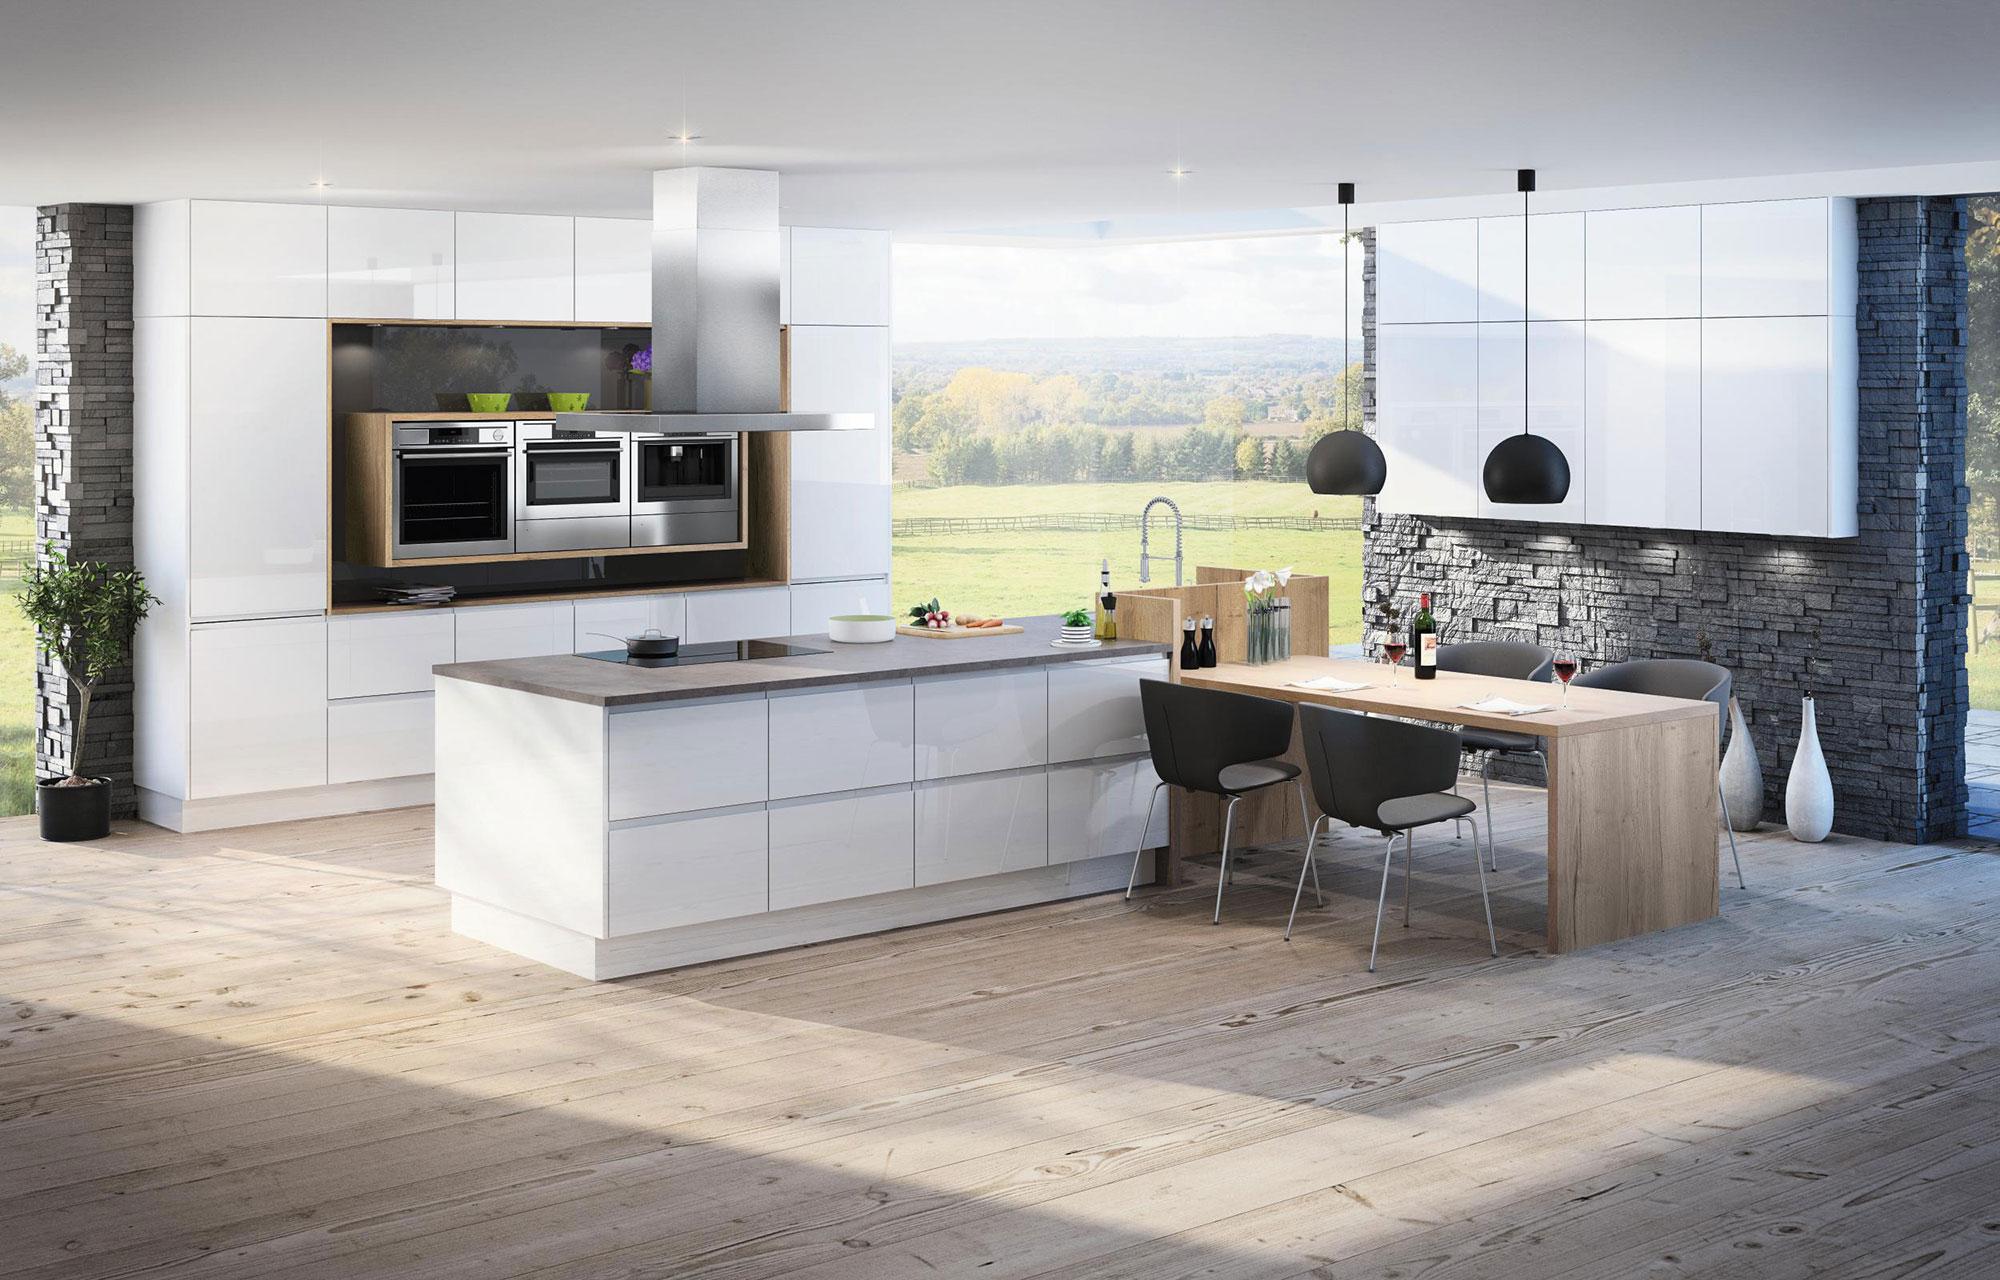 Fantastisch Stehen In Der Küche Zeitgenössisch - Küche Set Ideen ...